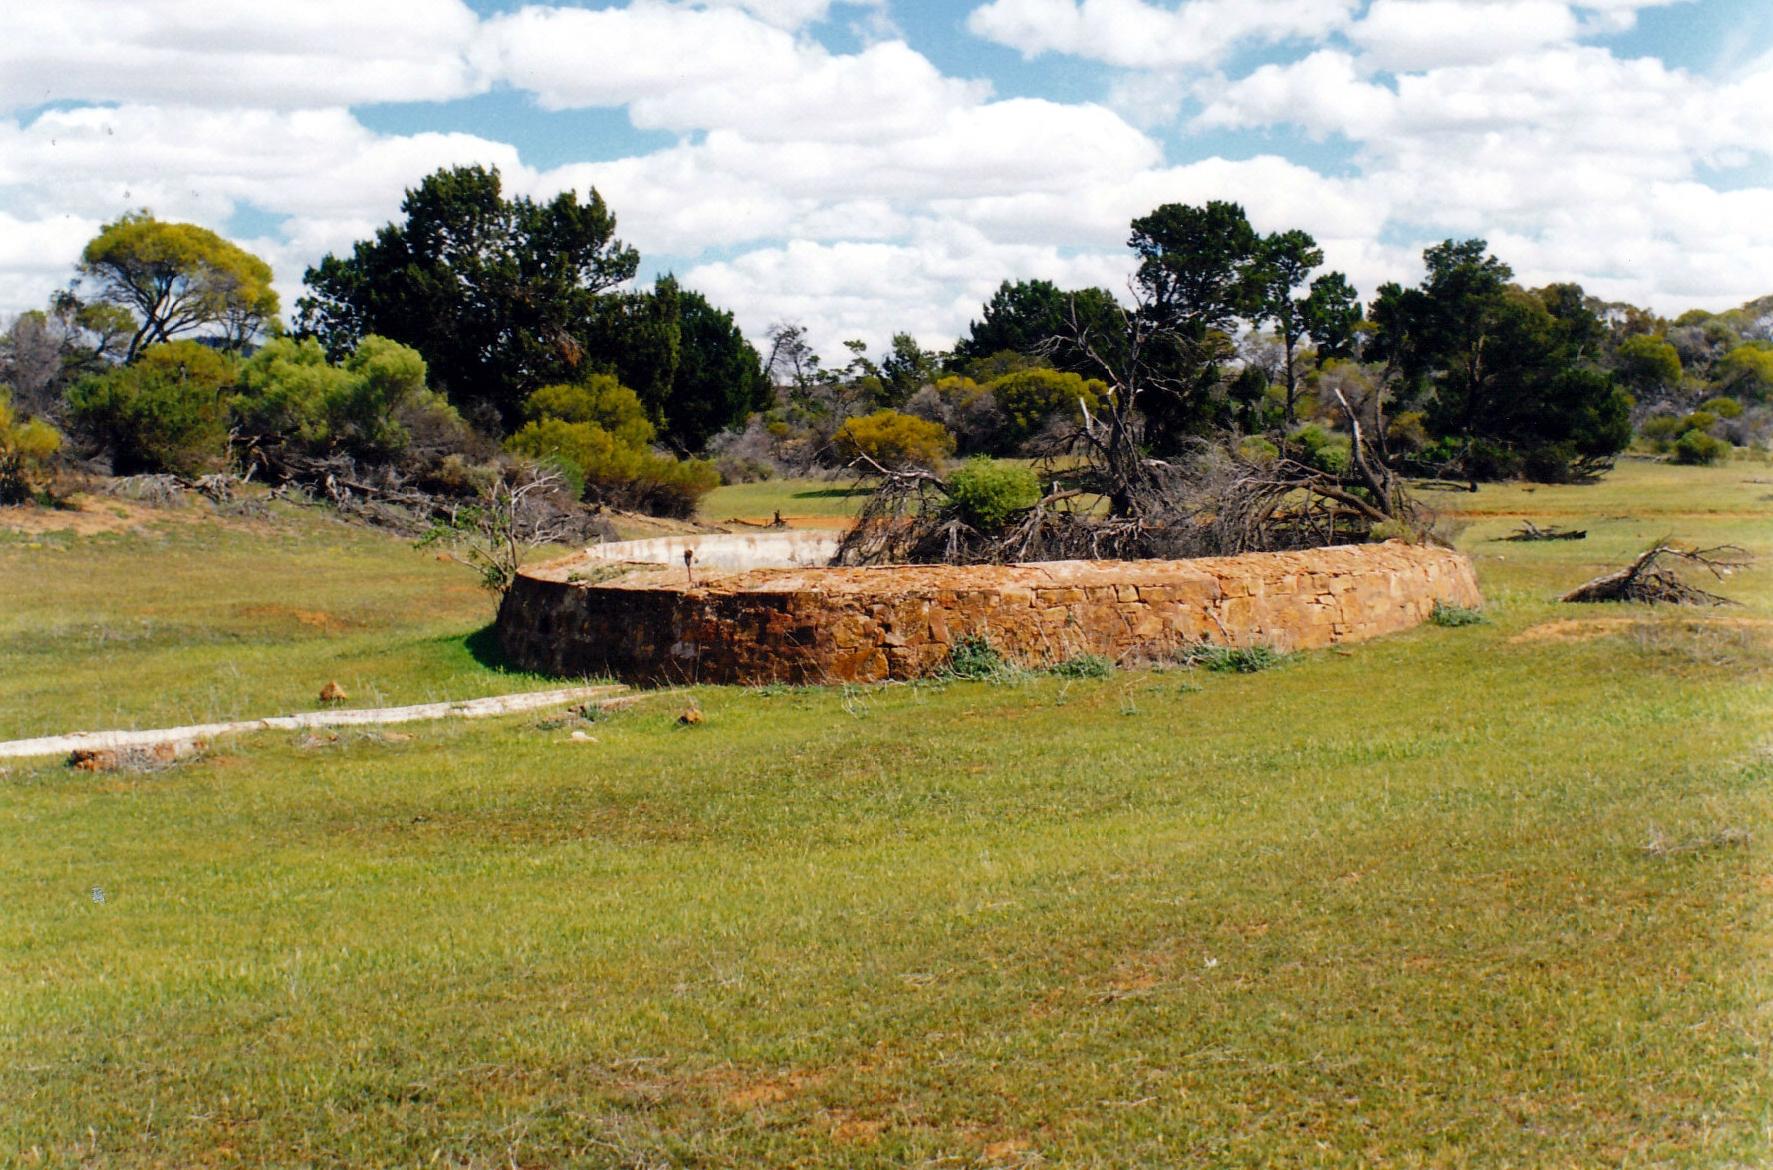 09-07-1999 02 old well yardea